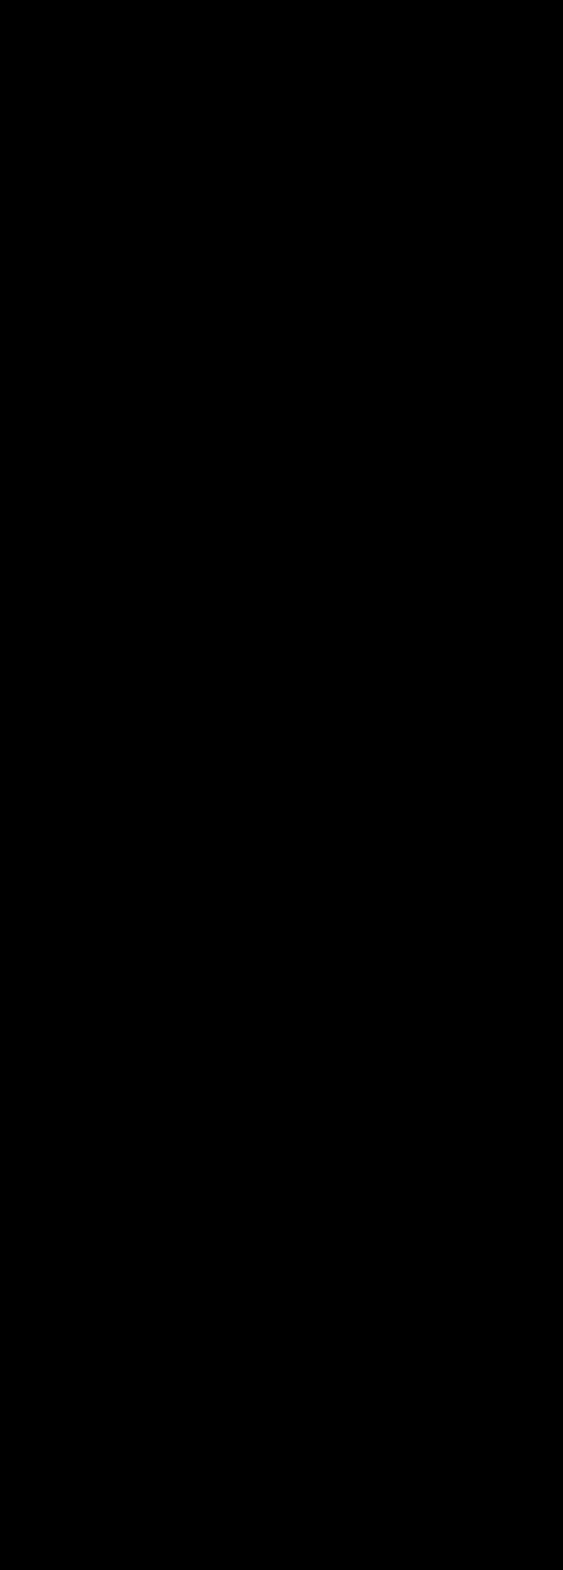 คอร์ดกีตาร์พื้นฐาน คอร์ดกี่ต้า เพลง ตัดใจครั้งที่ร้อย (Ost.ดั่งไฟใต้น้ำ)